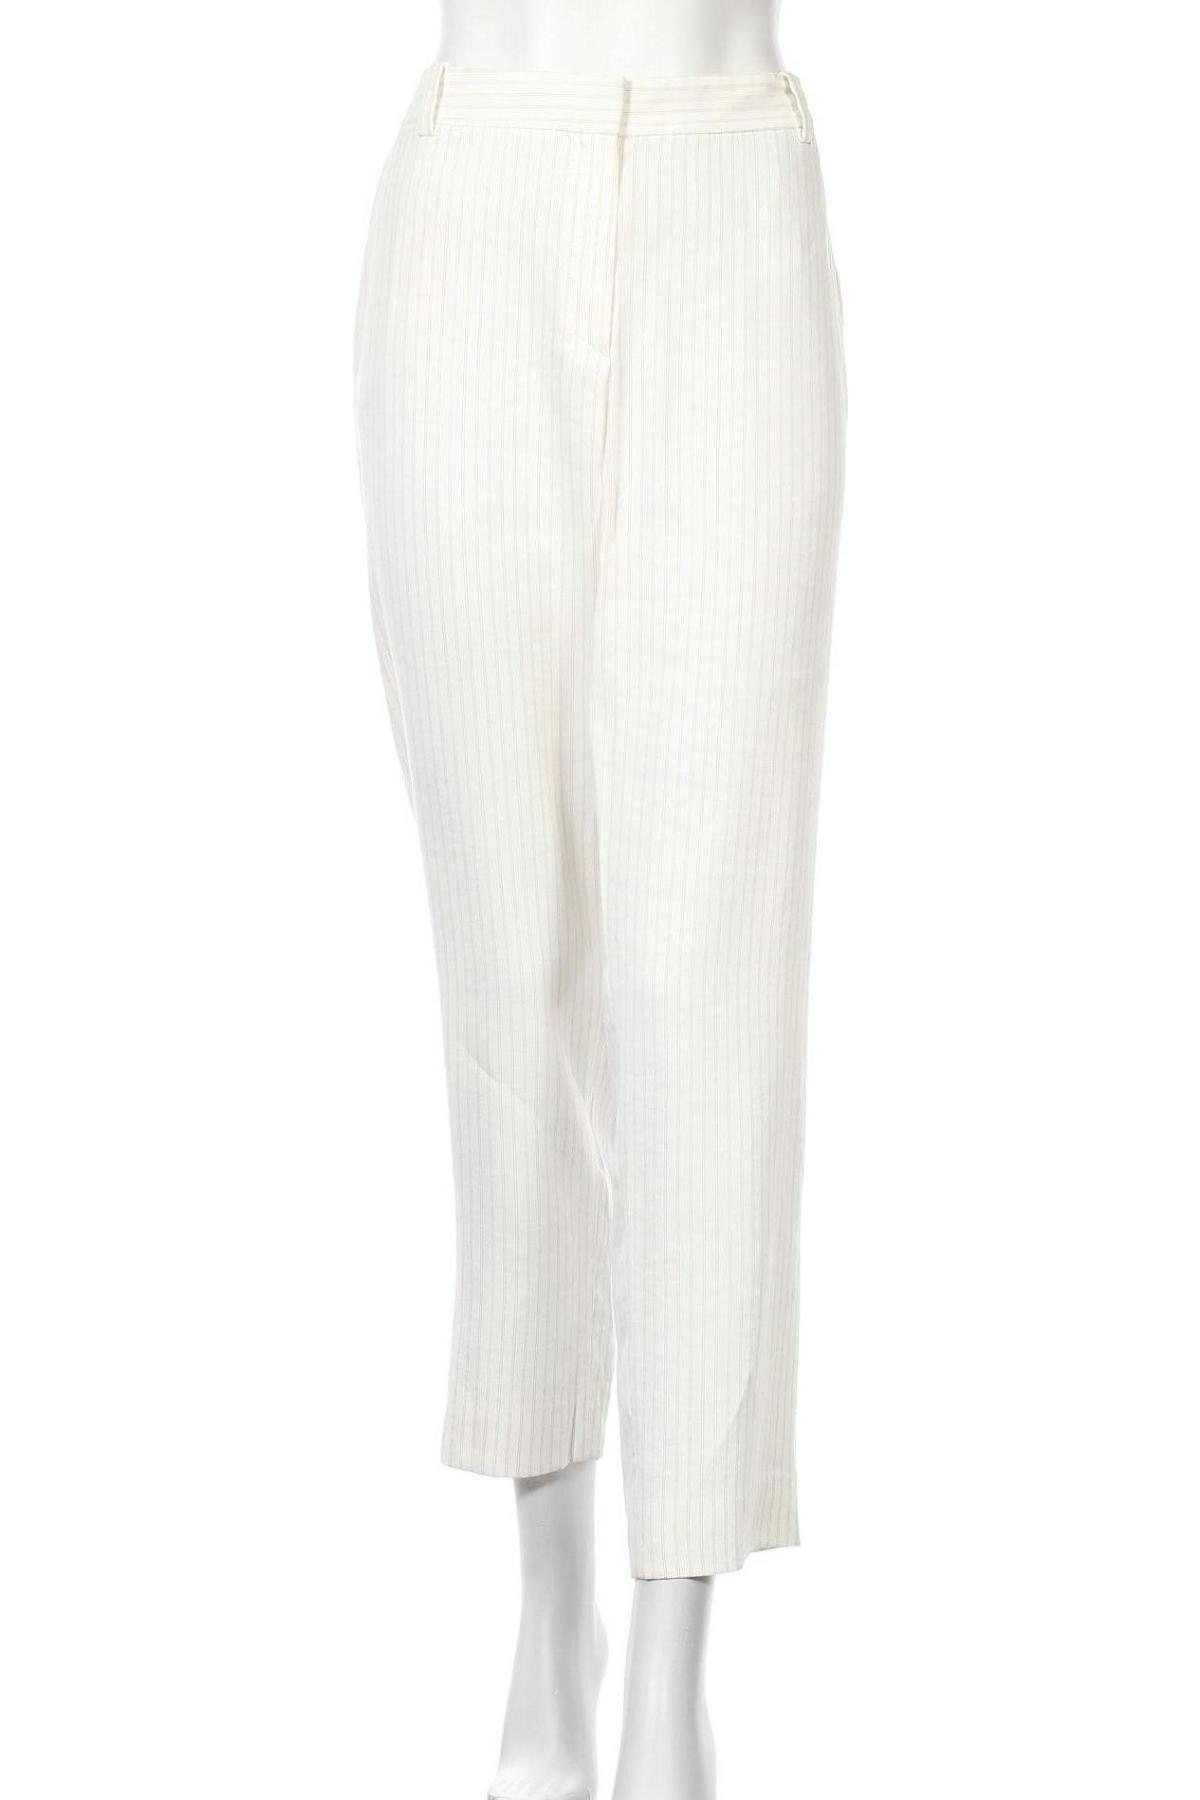 Dámské kalhoty  Massimo Dutti, Velikost L, Barva Bílá, 38% viskóza, 37% bavlna, 25% len, Cena  1185,00Kč